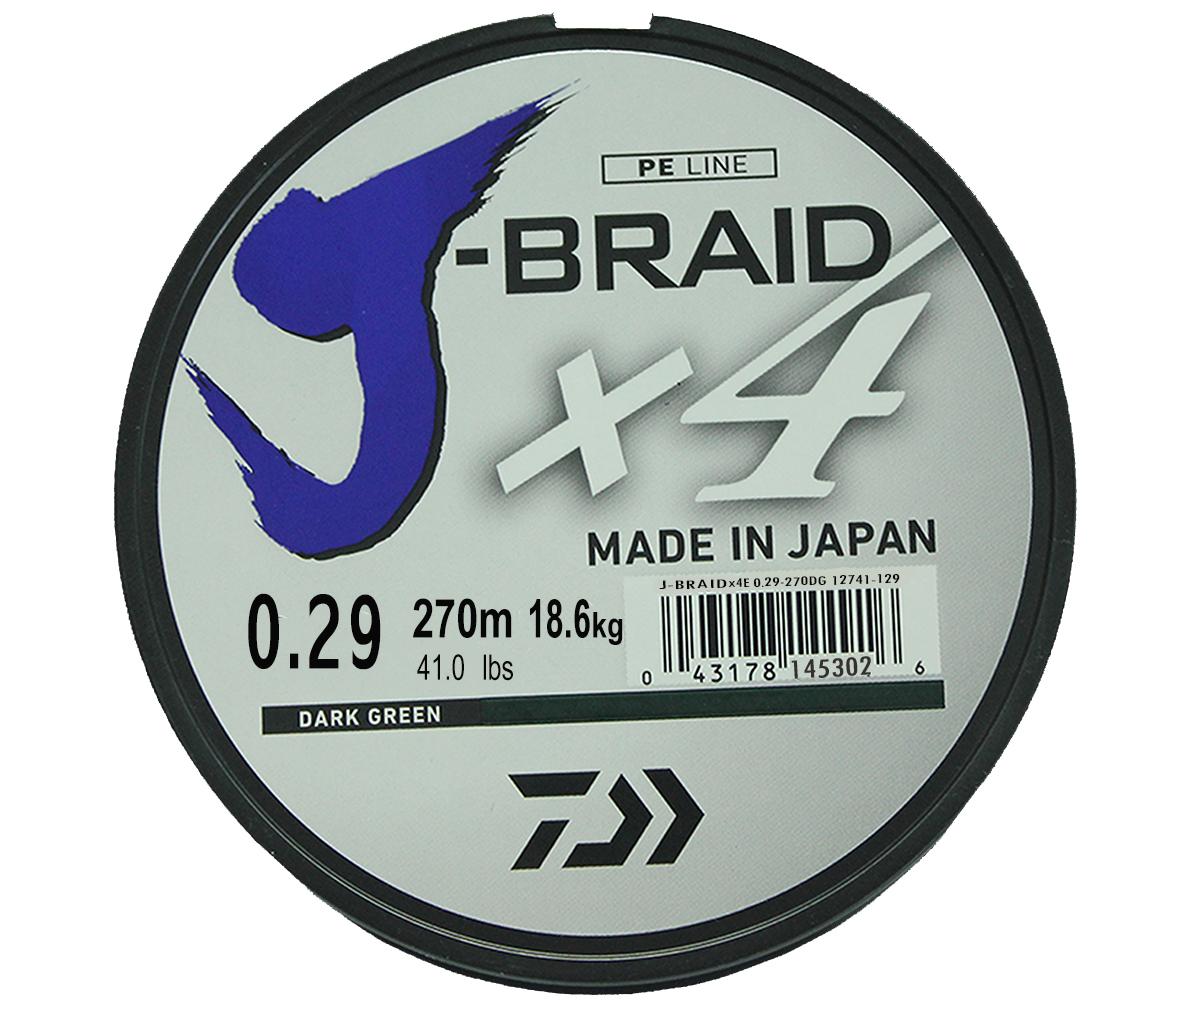 Шнур плетеный Daiwa J-Braid X4, цвет: зеленый, 270 м, 0,29 мм61176Новый 4х жильный шнур J-Braid, DAIWA - шнур высокого класса с удивительным соотношением цены и качества. Качество плетения полностьюсоответствует японским стандартам и удовлетворяет всем требованиям. Представленные диаметры позволяют использовать шнур для всех техникловли, начиная от ultra- light ловли окуня, до морской ловли палтуса, трески и т.д